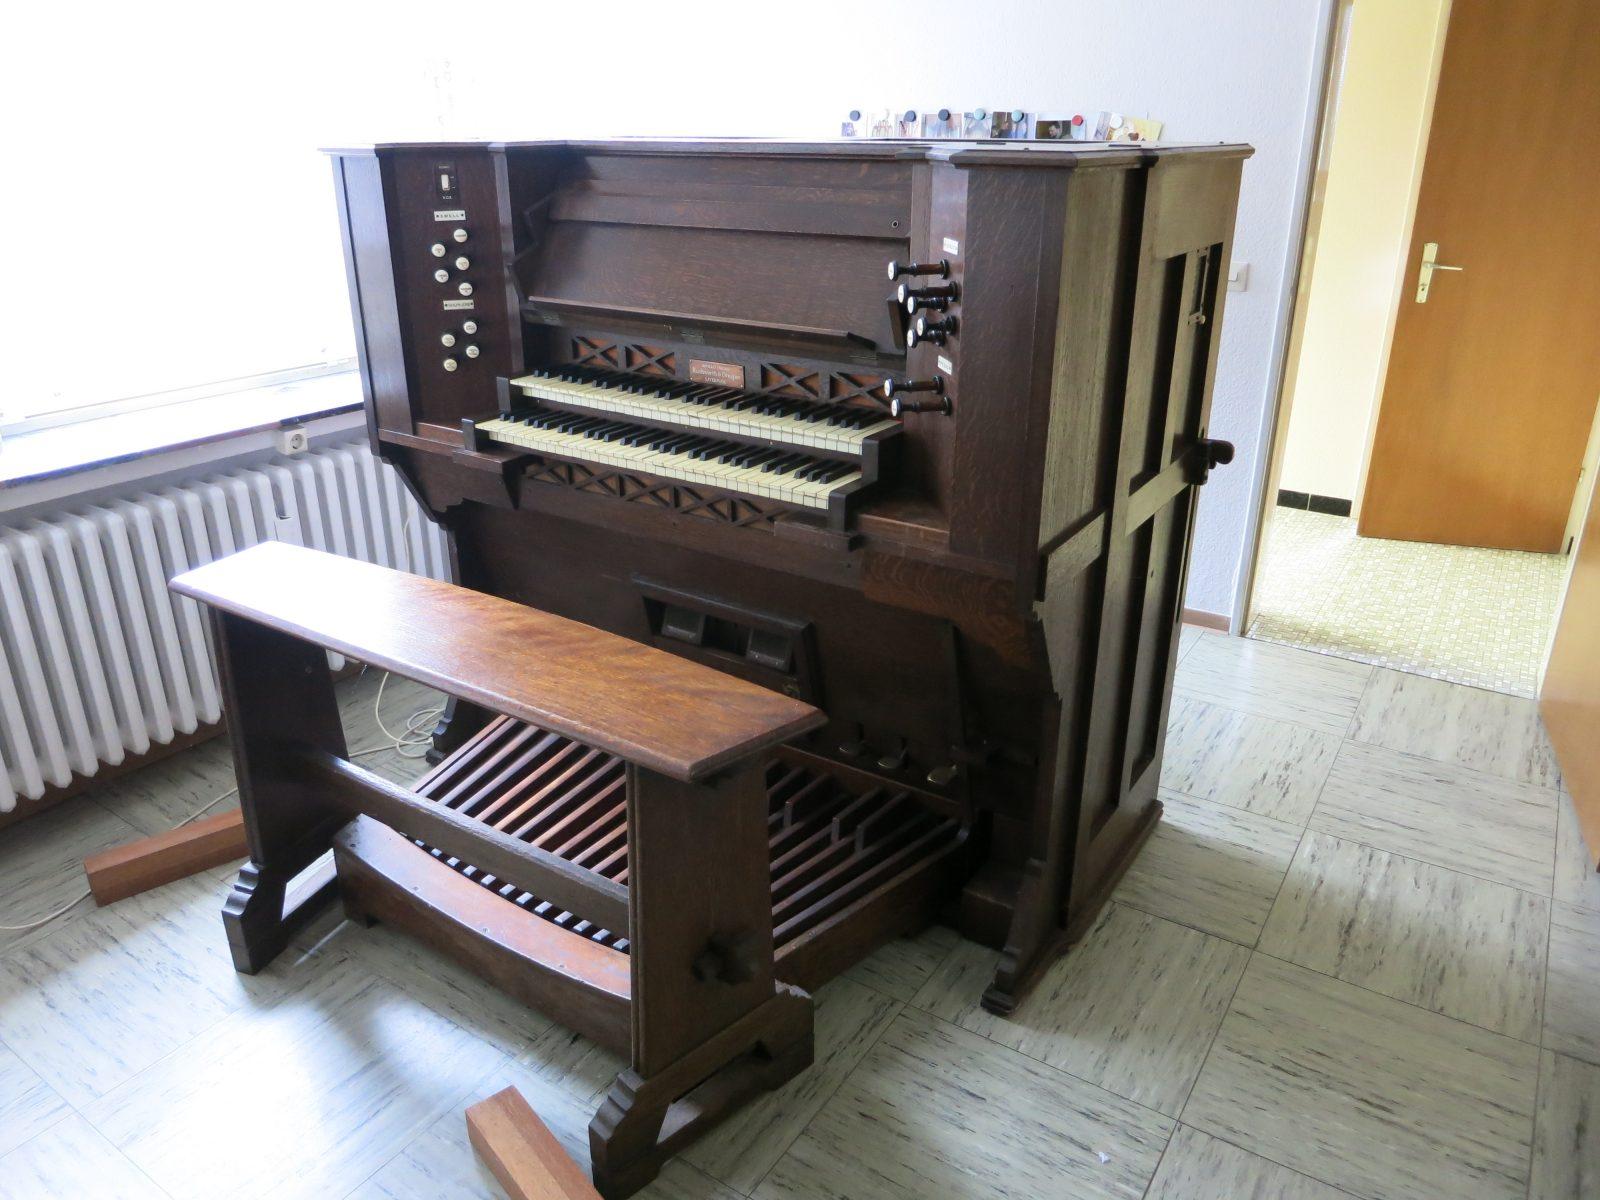 Rushworth & Dreaper Apollo Organ